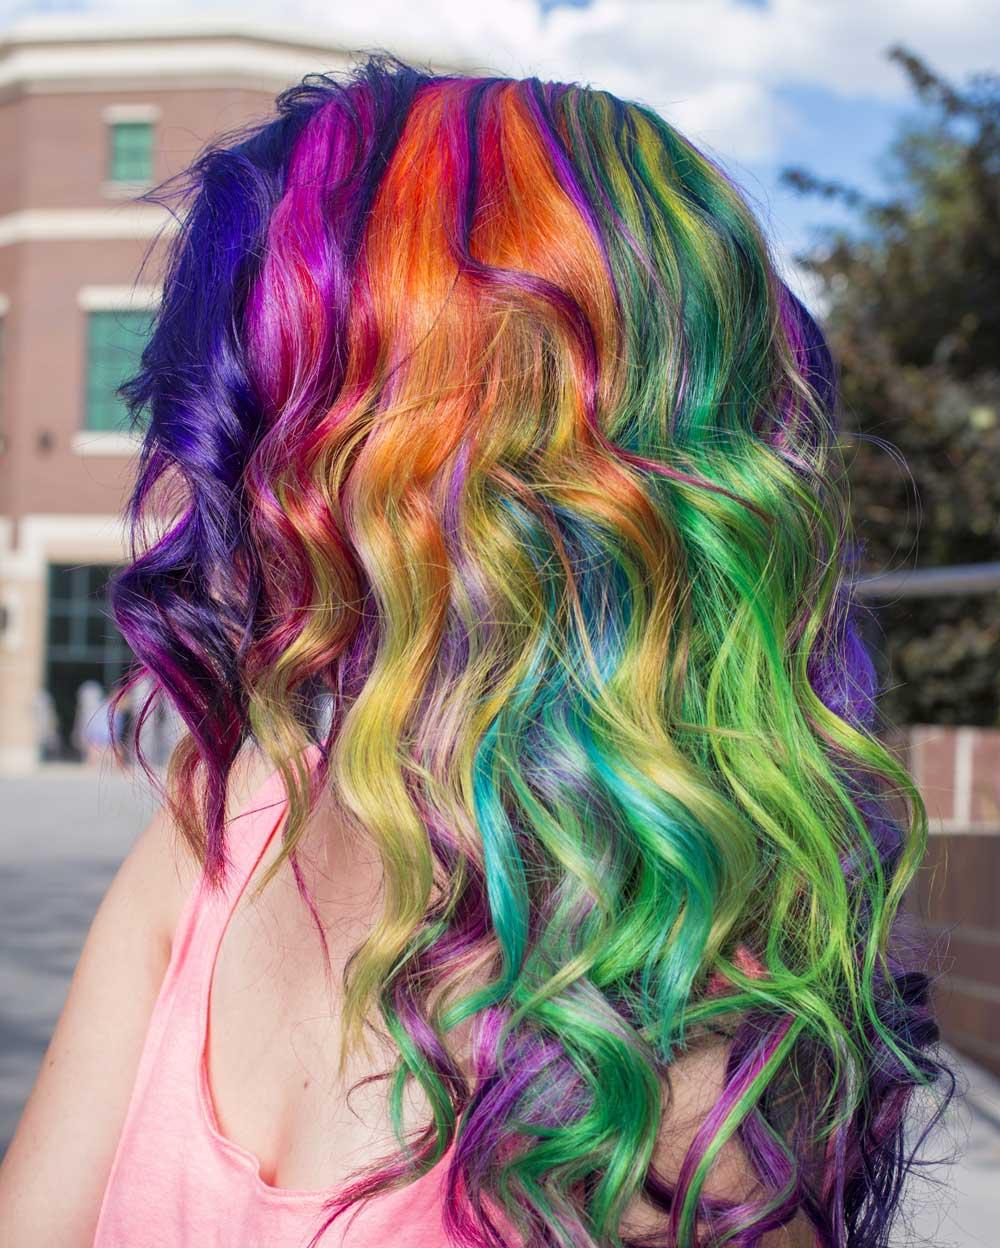 نحوه مراقبت از رنگ موی فانتزی